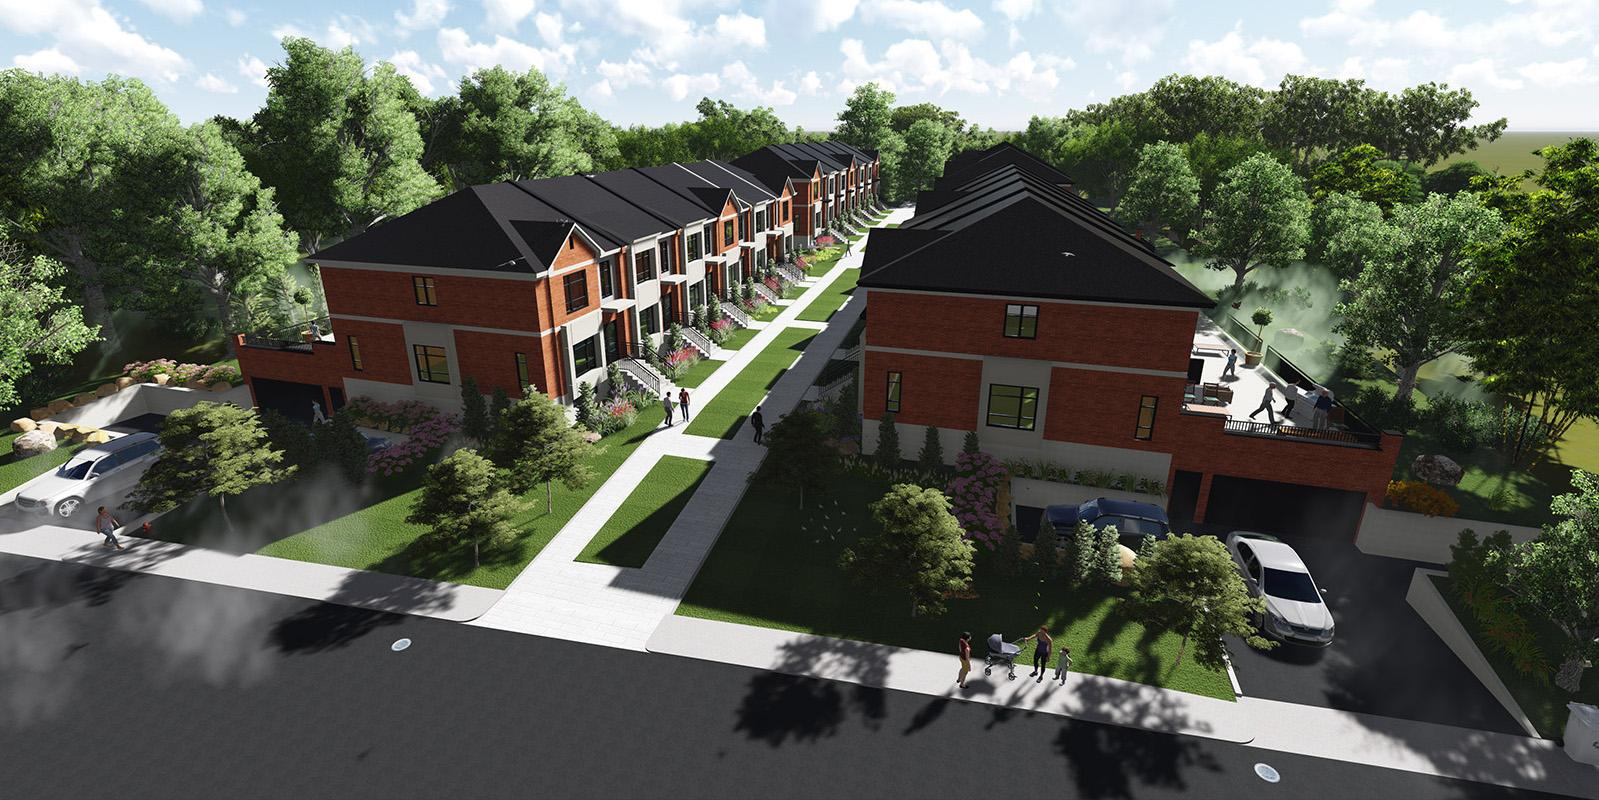 Domaine Evergreen Blainville projet immobilier construction neuve